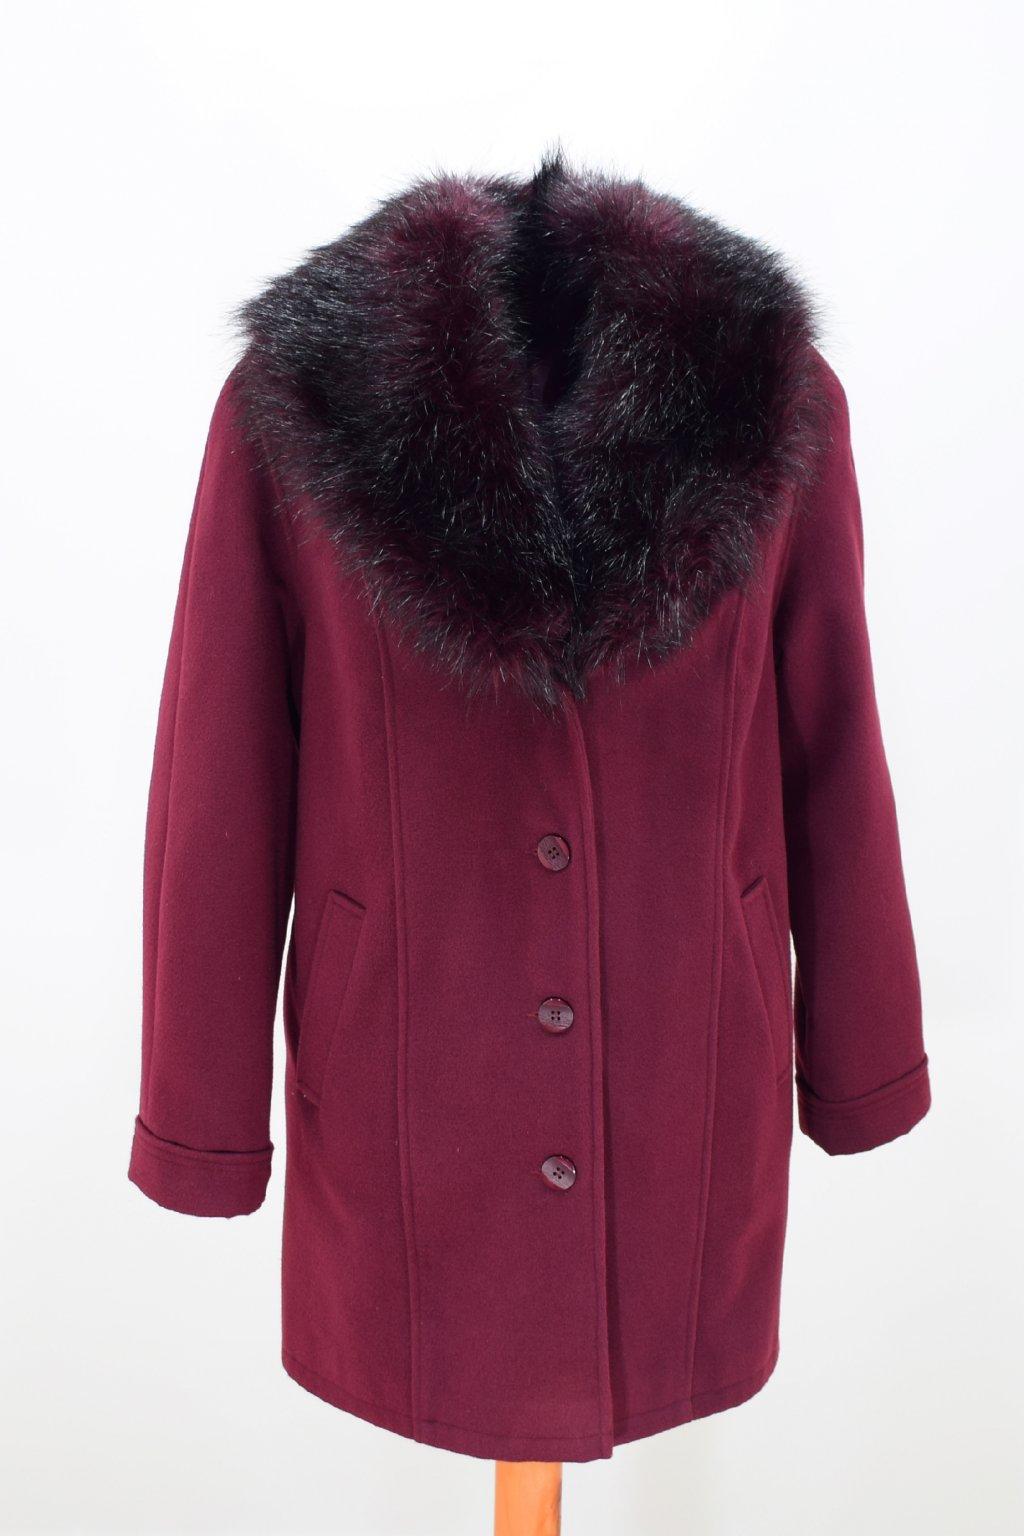 Dámský zimní vínový kabát Táňa nadměrné velikosti.